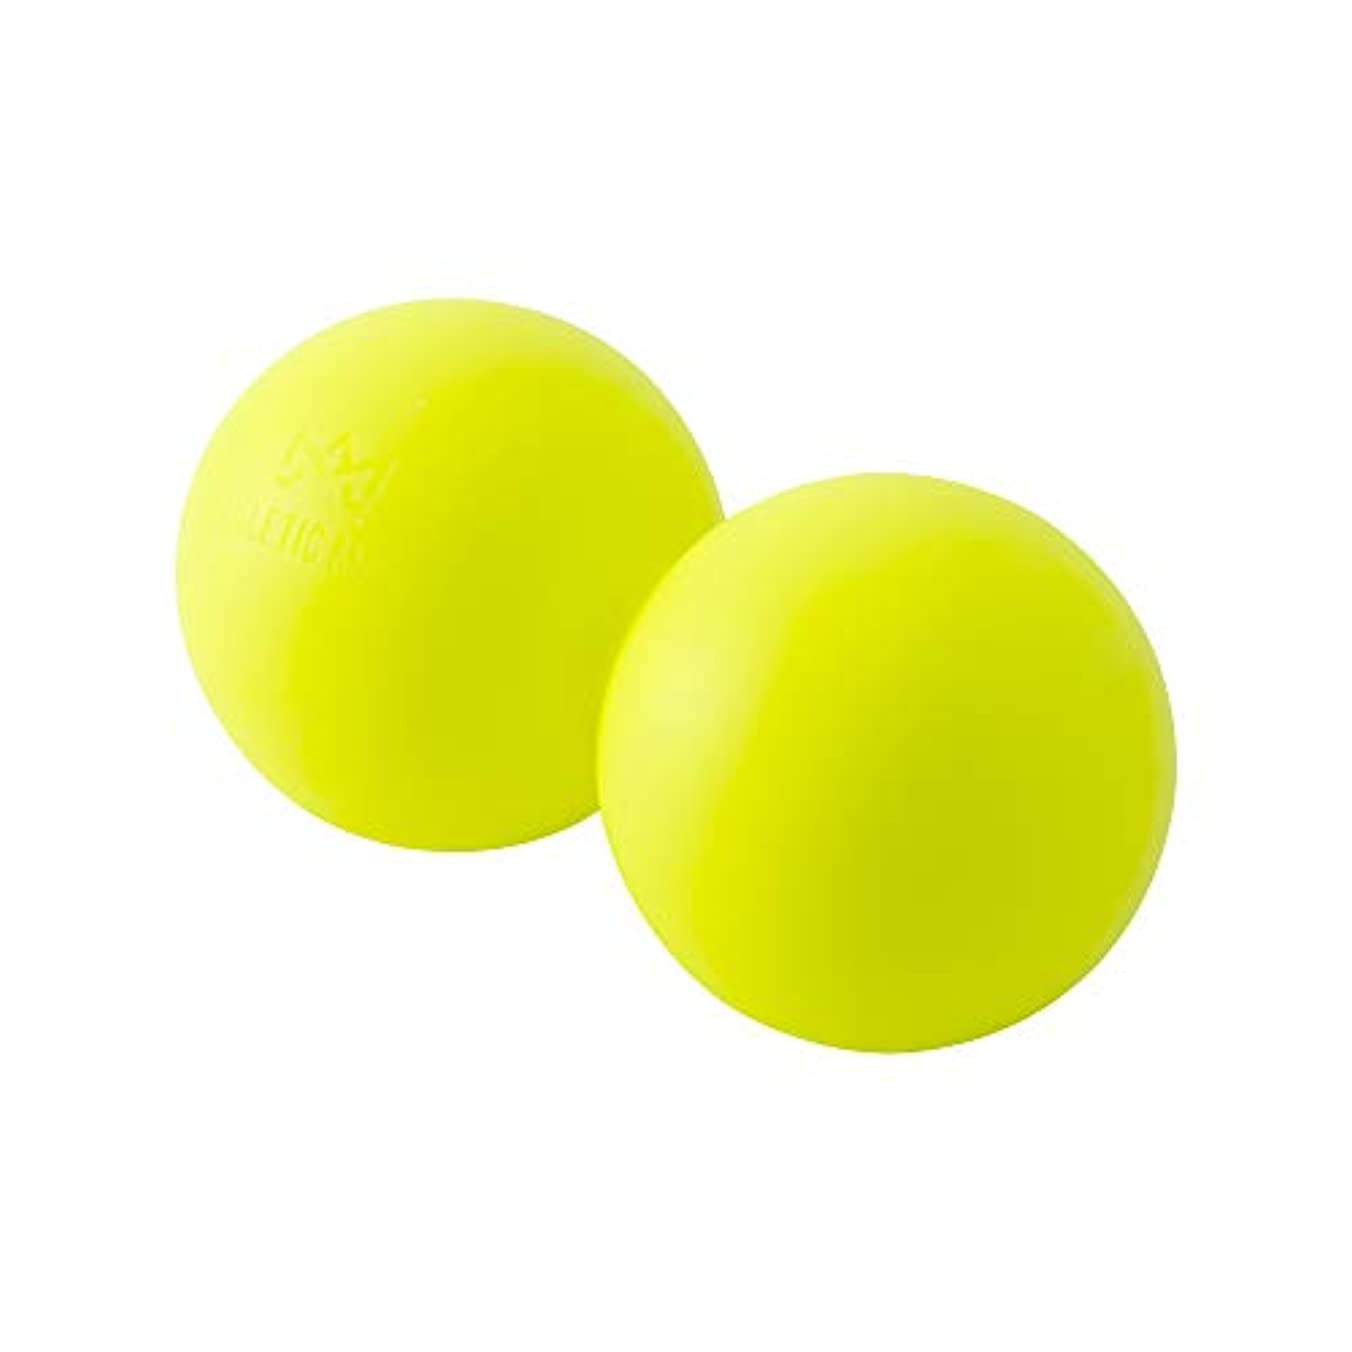 責任者パンフレットヨーグルトATHLETIC MART ピーナッツ型ストレッチボール マッサージボール ラクロスボール2個サイズ ツボ押し (蛍光イエロー)